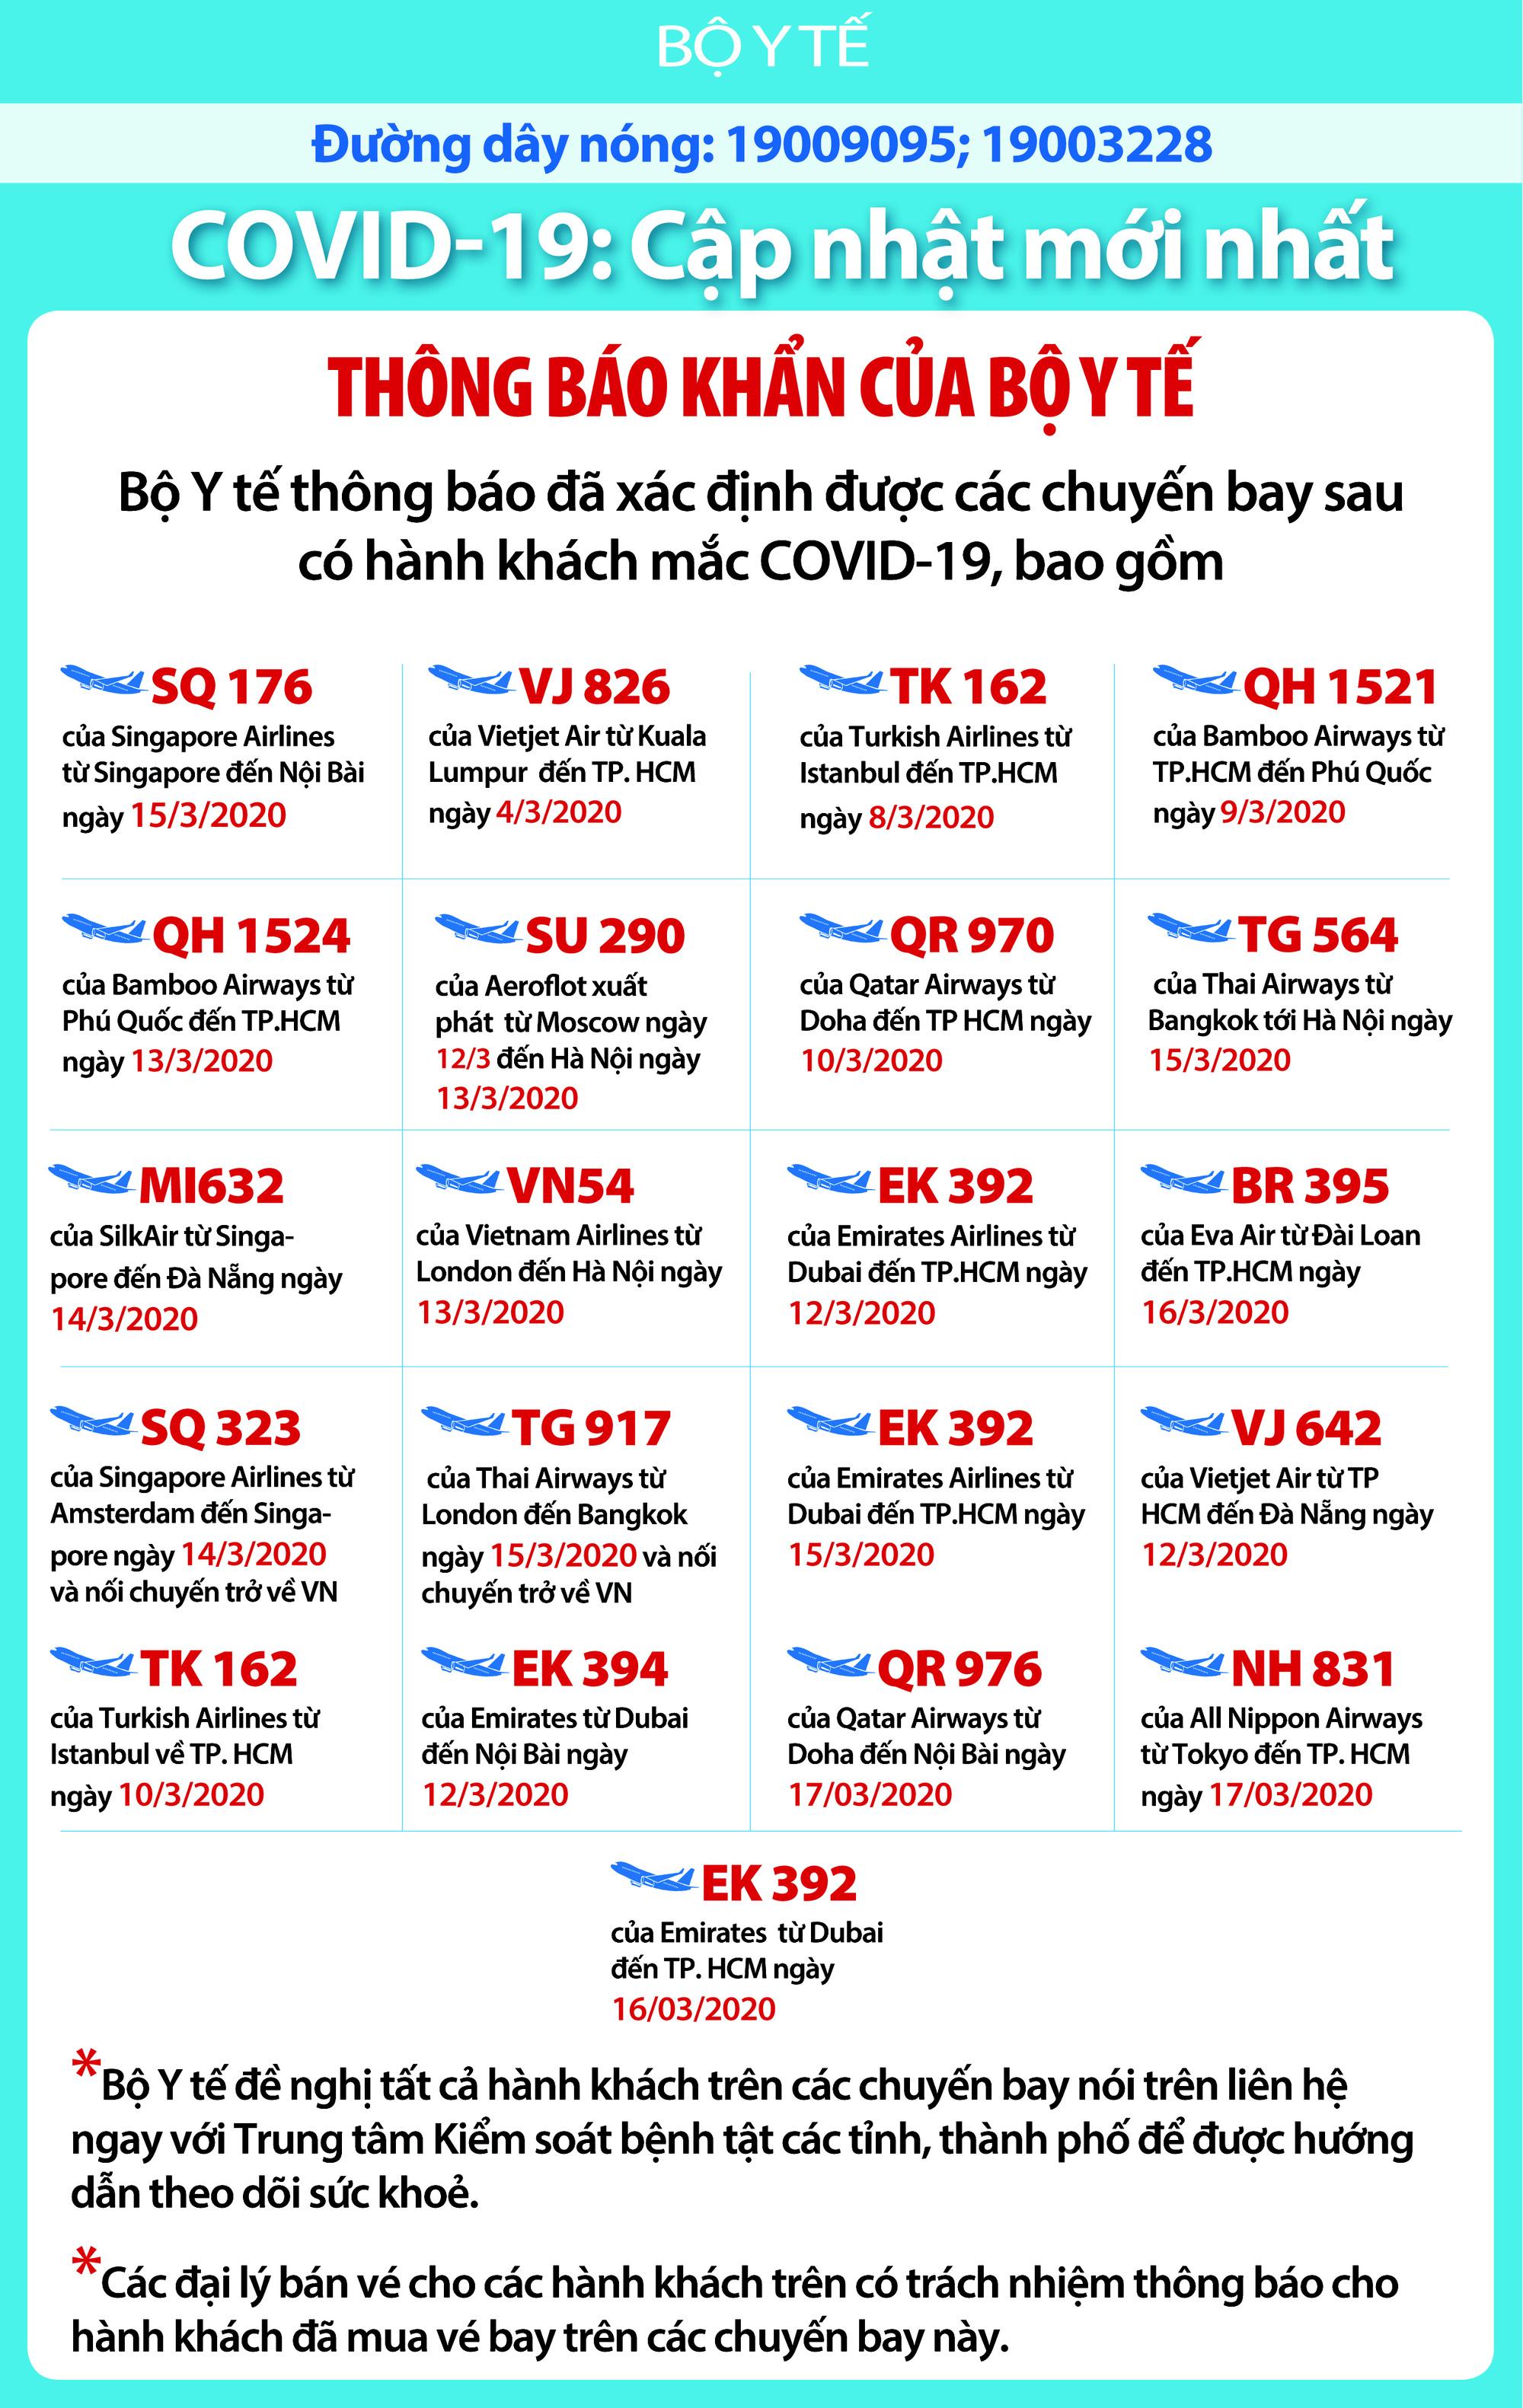 Cập nhật tình hình virus corona hôm nay 23/3: Việt Nam đã loại trừ 7.947 trường hợp nghi ngờ, số ca nhiễm tại Italy bằng 3/4 số ca của Trung Quốc - Ảnh 1.